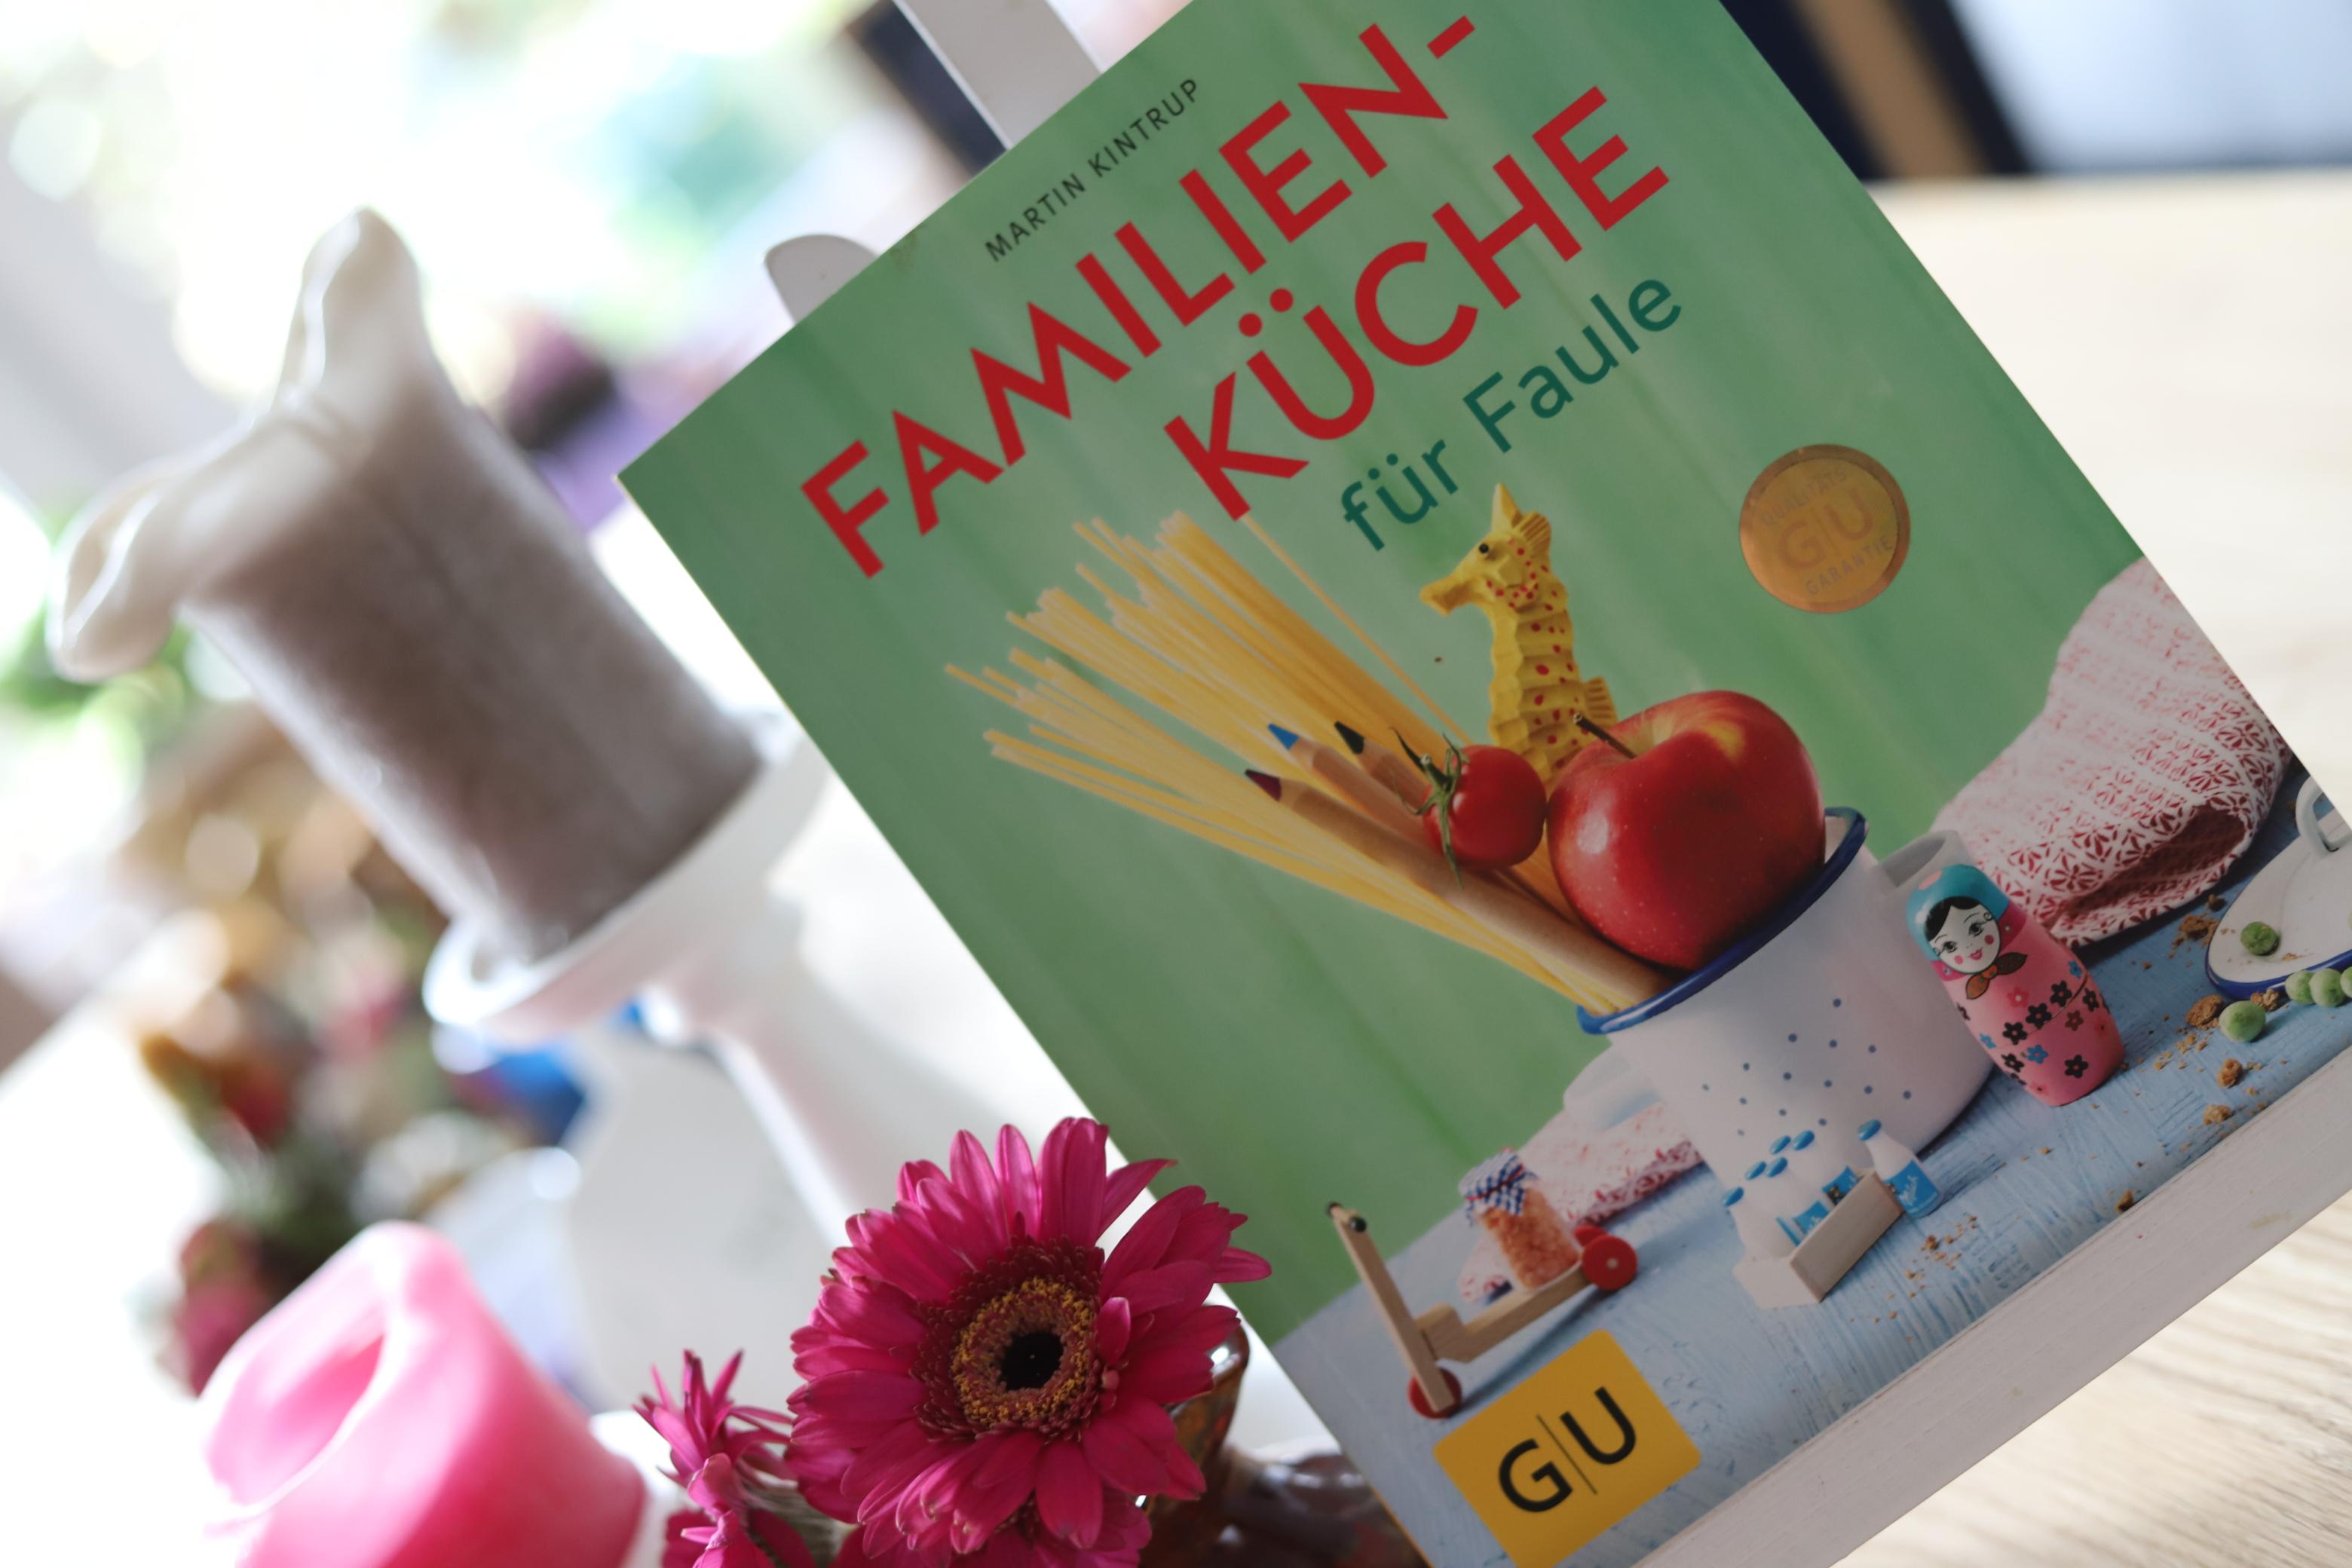 Schnelle rezepte für die Familienküche Kochbuch Vorschlag